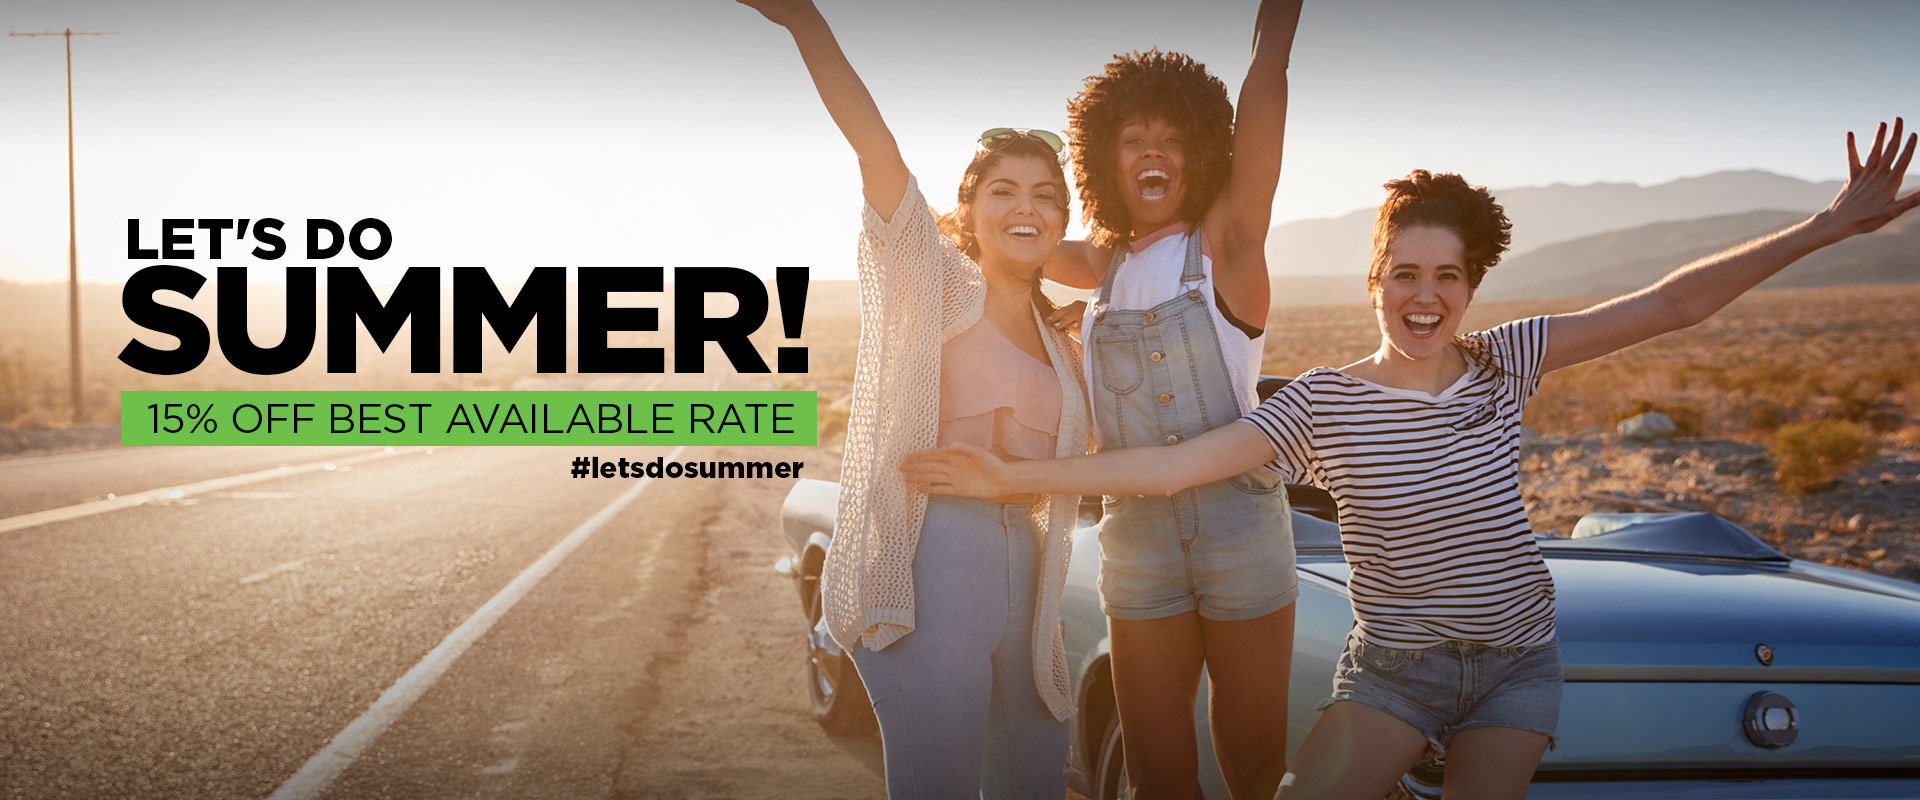 Summer-Campaign-LetsDoSummer-Main-Slider-1920x800-v3